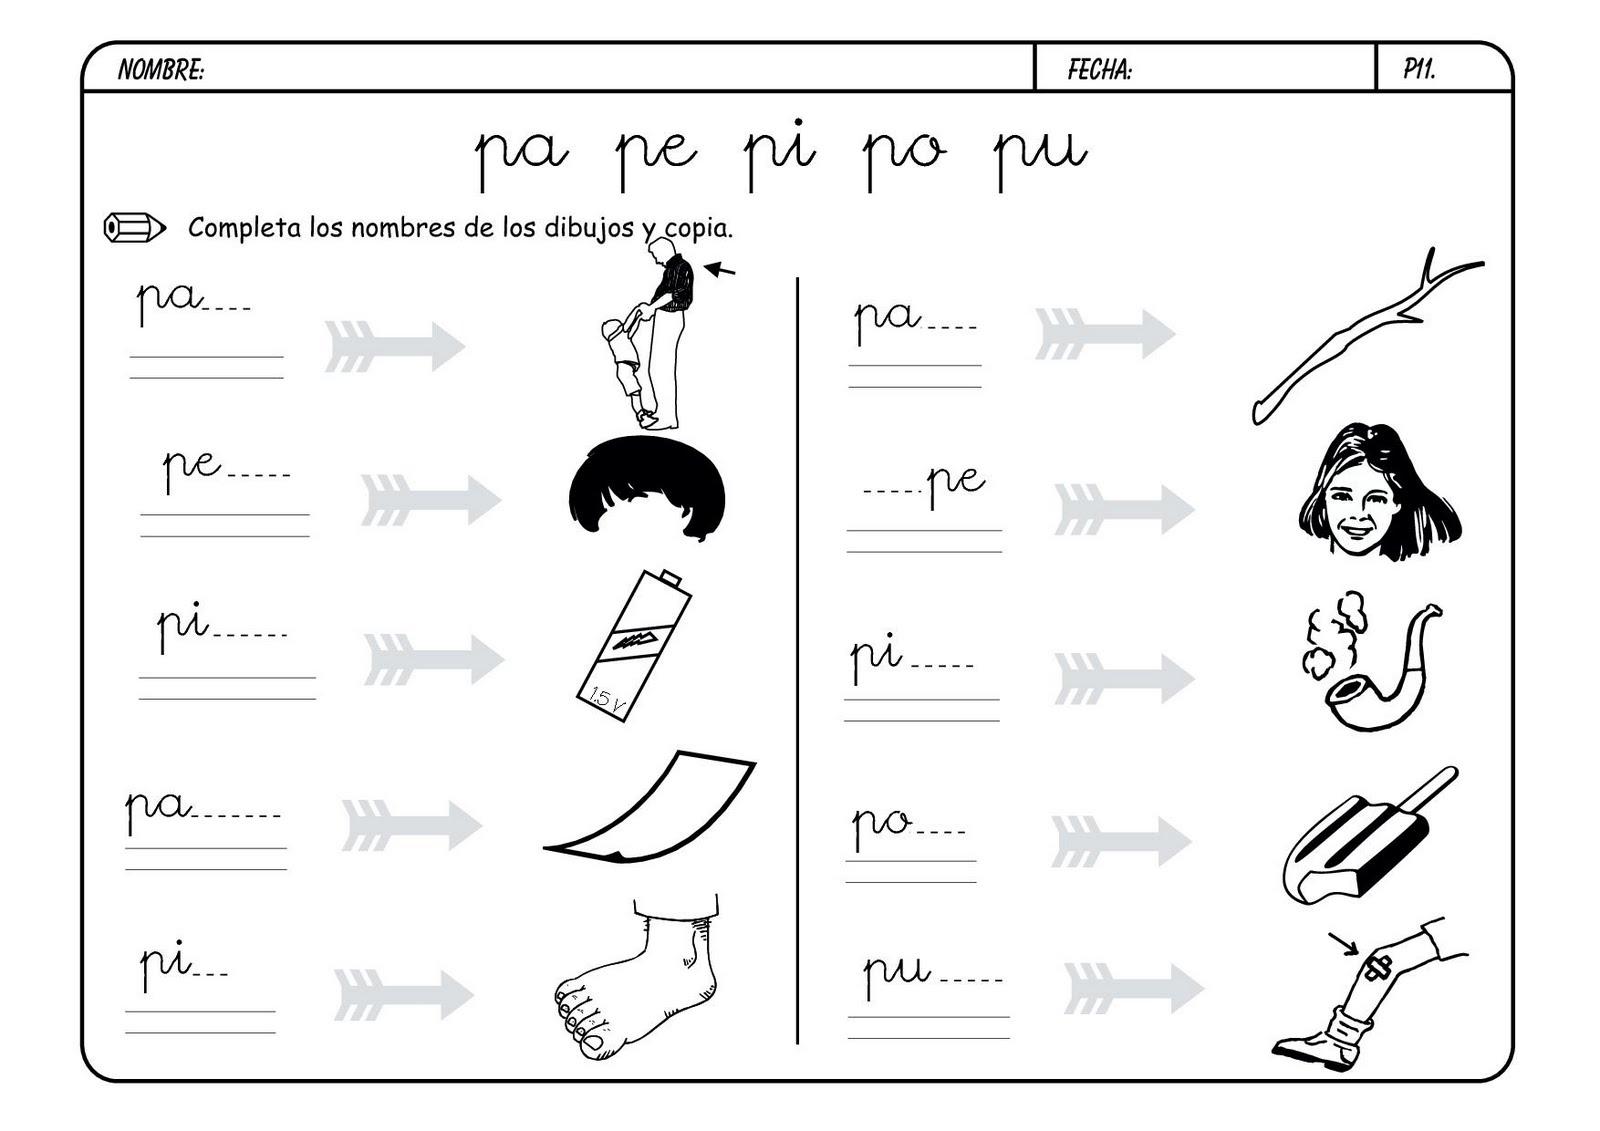 Lectoescritura Y Vocabulario Con La Letra P Letra_p13